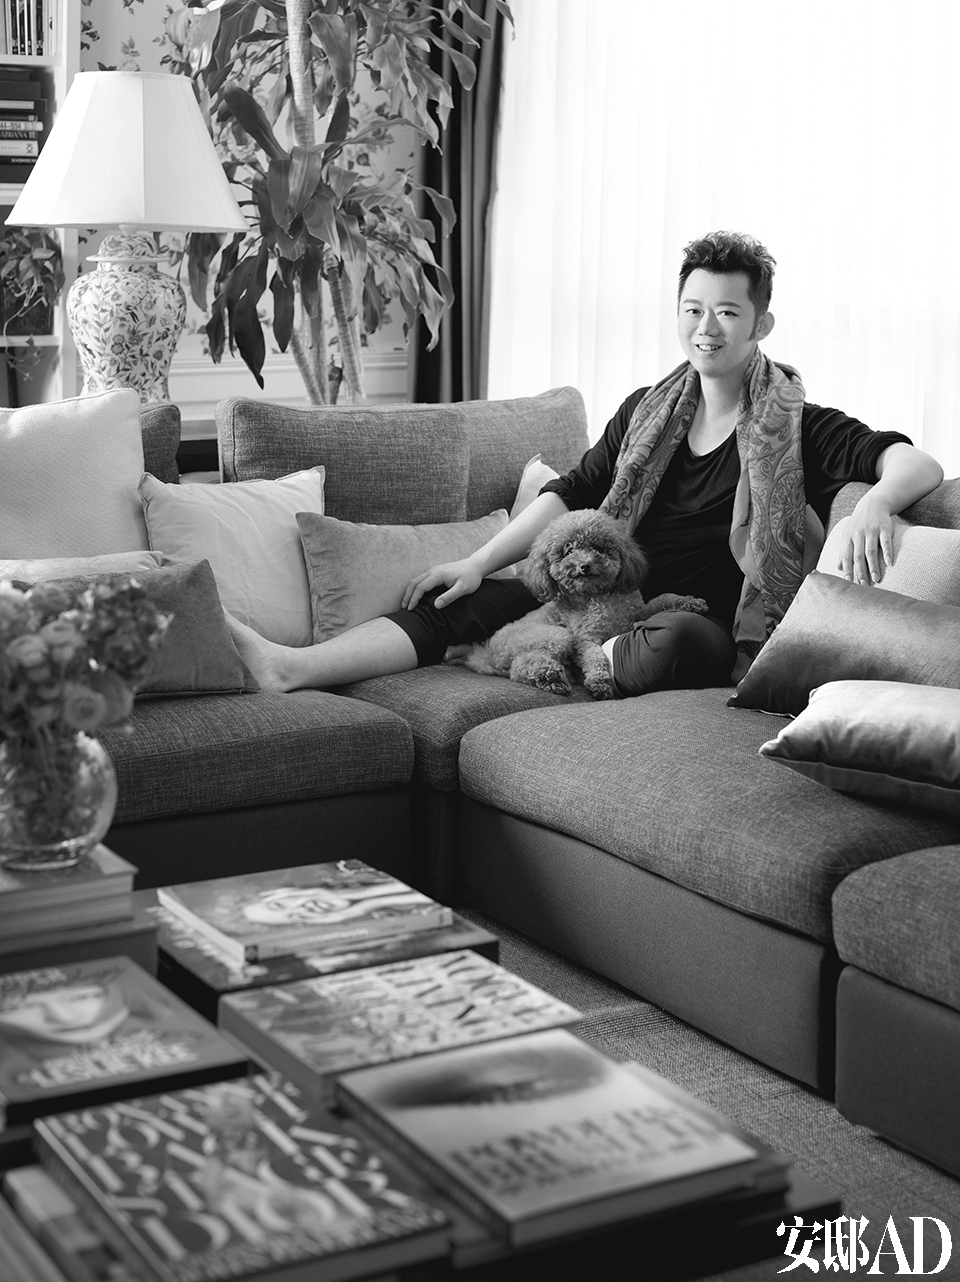 """东田与他的爱犬马提尼。 主人:李东田,著名的造型师,德国哈苏公司高级客座讲师,资生堂SHISEIDO首席彩妆顾 问。1972年出生于北京,父母都是典型的机关知识分子,但他这个儿子却一反""""读大学才有好出路""""的时代主流,初中时即选择了去学习美发,并于1991年 正式进入中国时尚圈,如今已是中国造型界执牛耳的人物。他也与几乎所有国内的一线大牌明星都有过合作,并成为好友。在20余年的职业生涯中,他如伯乐般发 掘、捧红过许多有天赋的新人,其中吕燕是最典型的成功案例。近十几年来,他参与多重跨界,俨然成为一位成功的商人,所涉范围包括时尚造型、餐厅、健身房、 假发品牌和最新推出的太阳镜品牌。与他故意展示冷酷美和距离感的艺术风格不同,他的家却总是暖意横流。"""